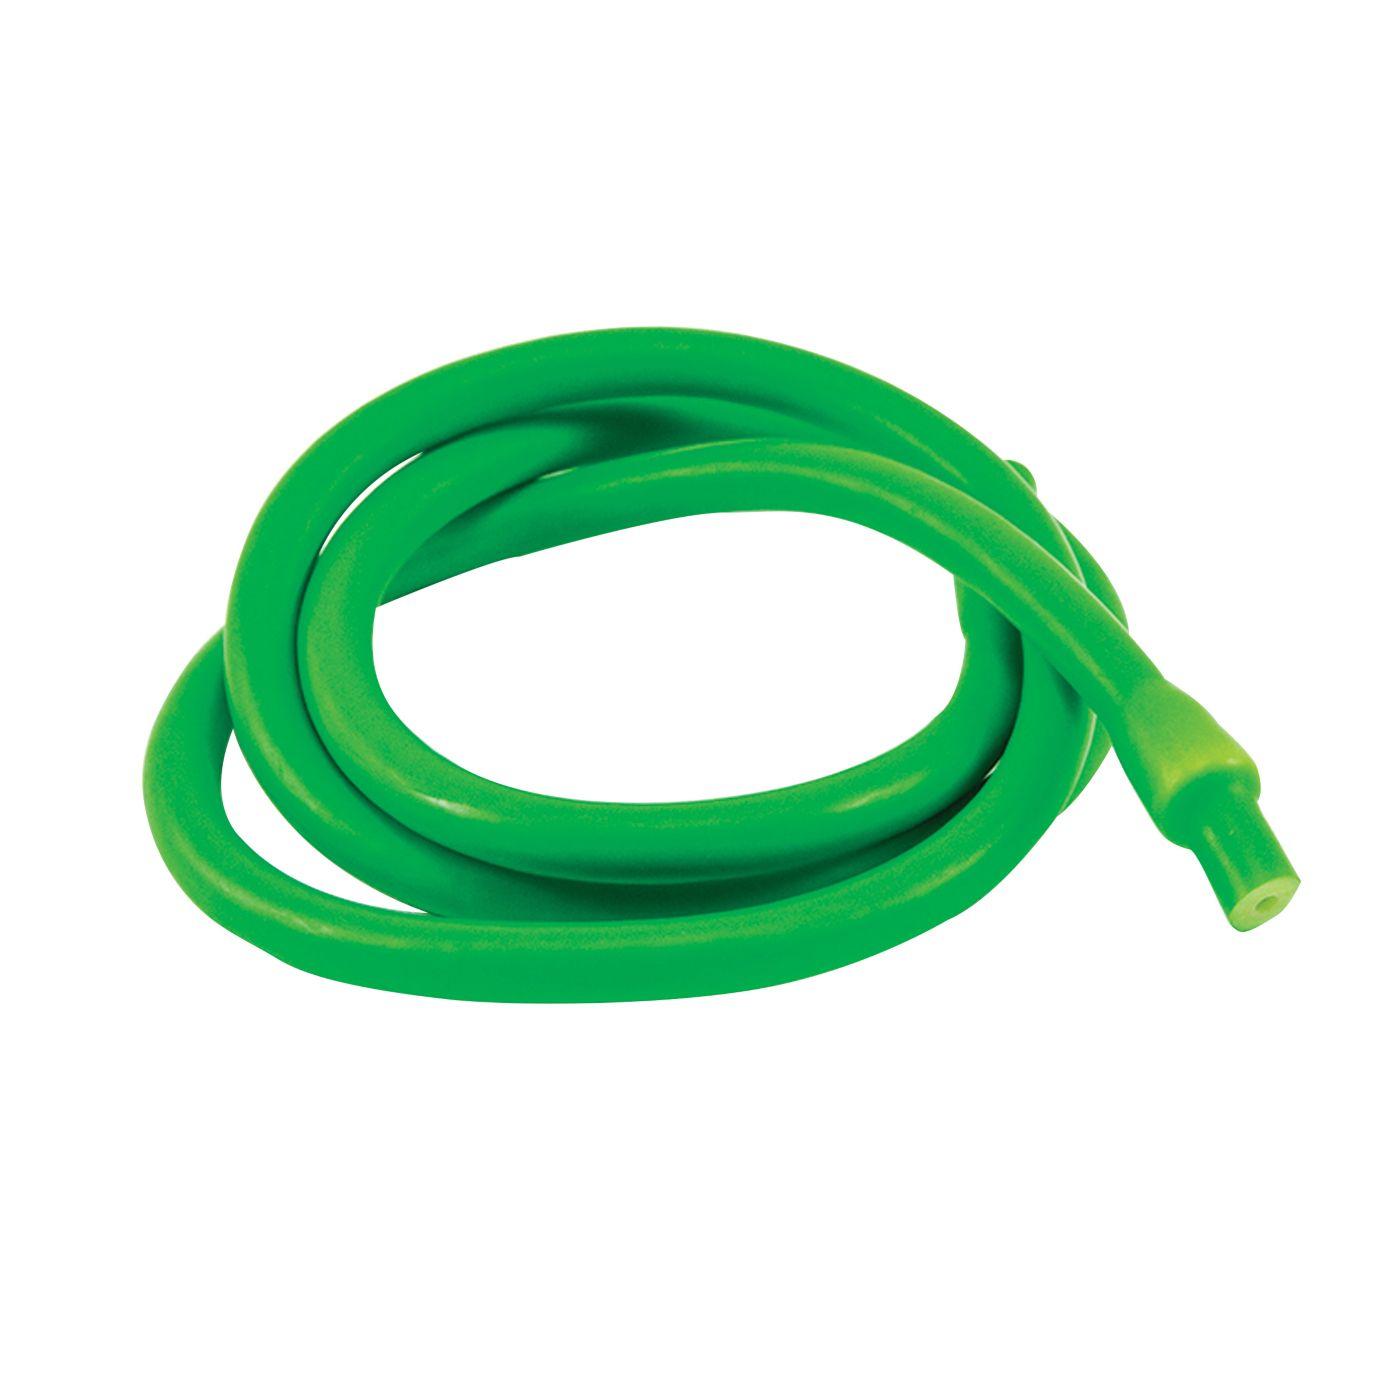 Lifeline R8 Resistance Cable 5FT- 80LB